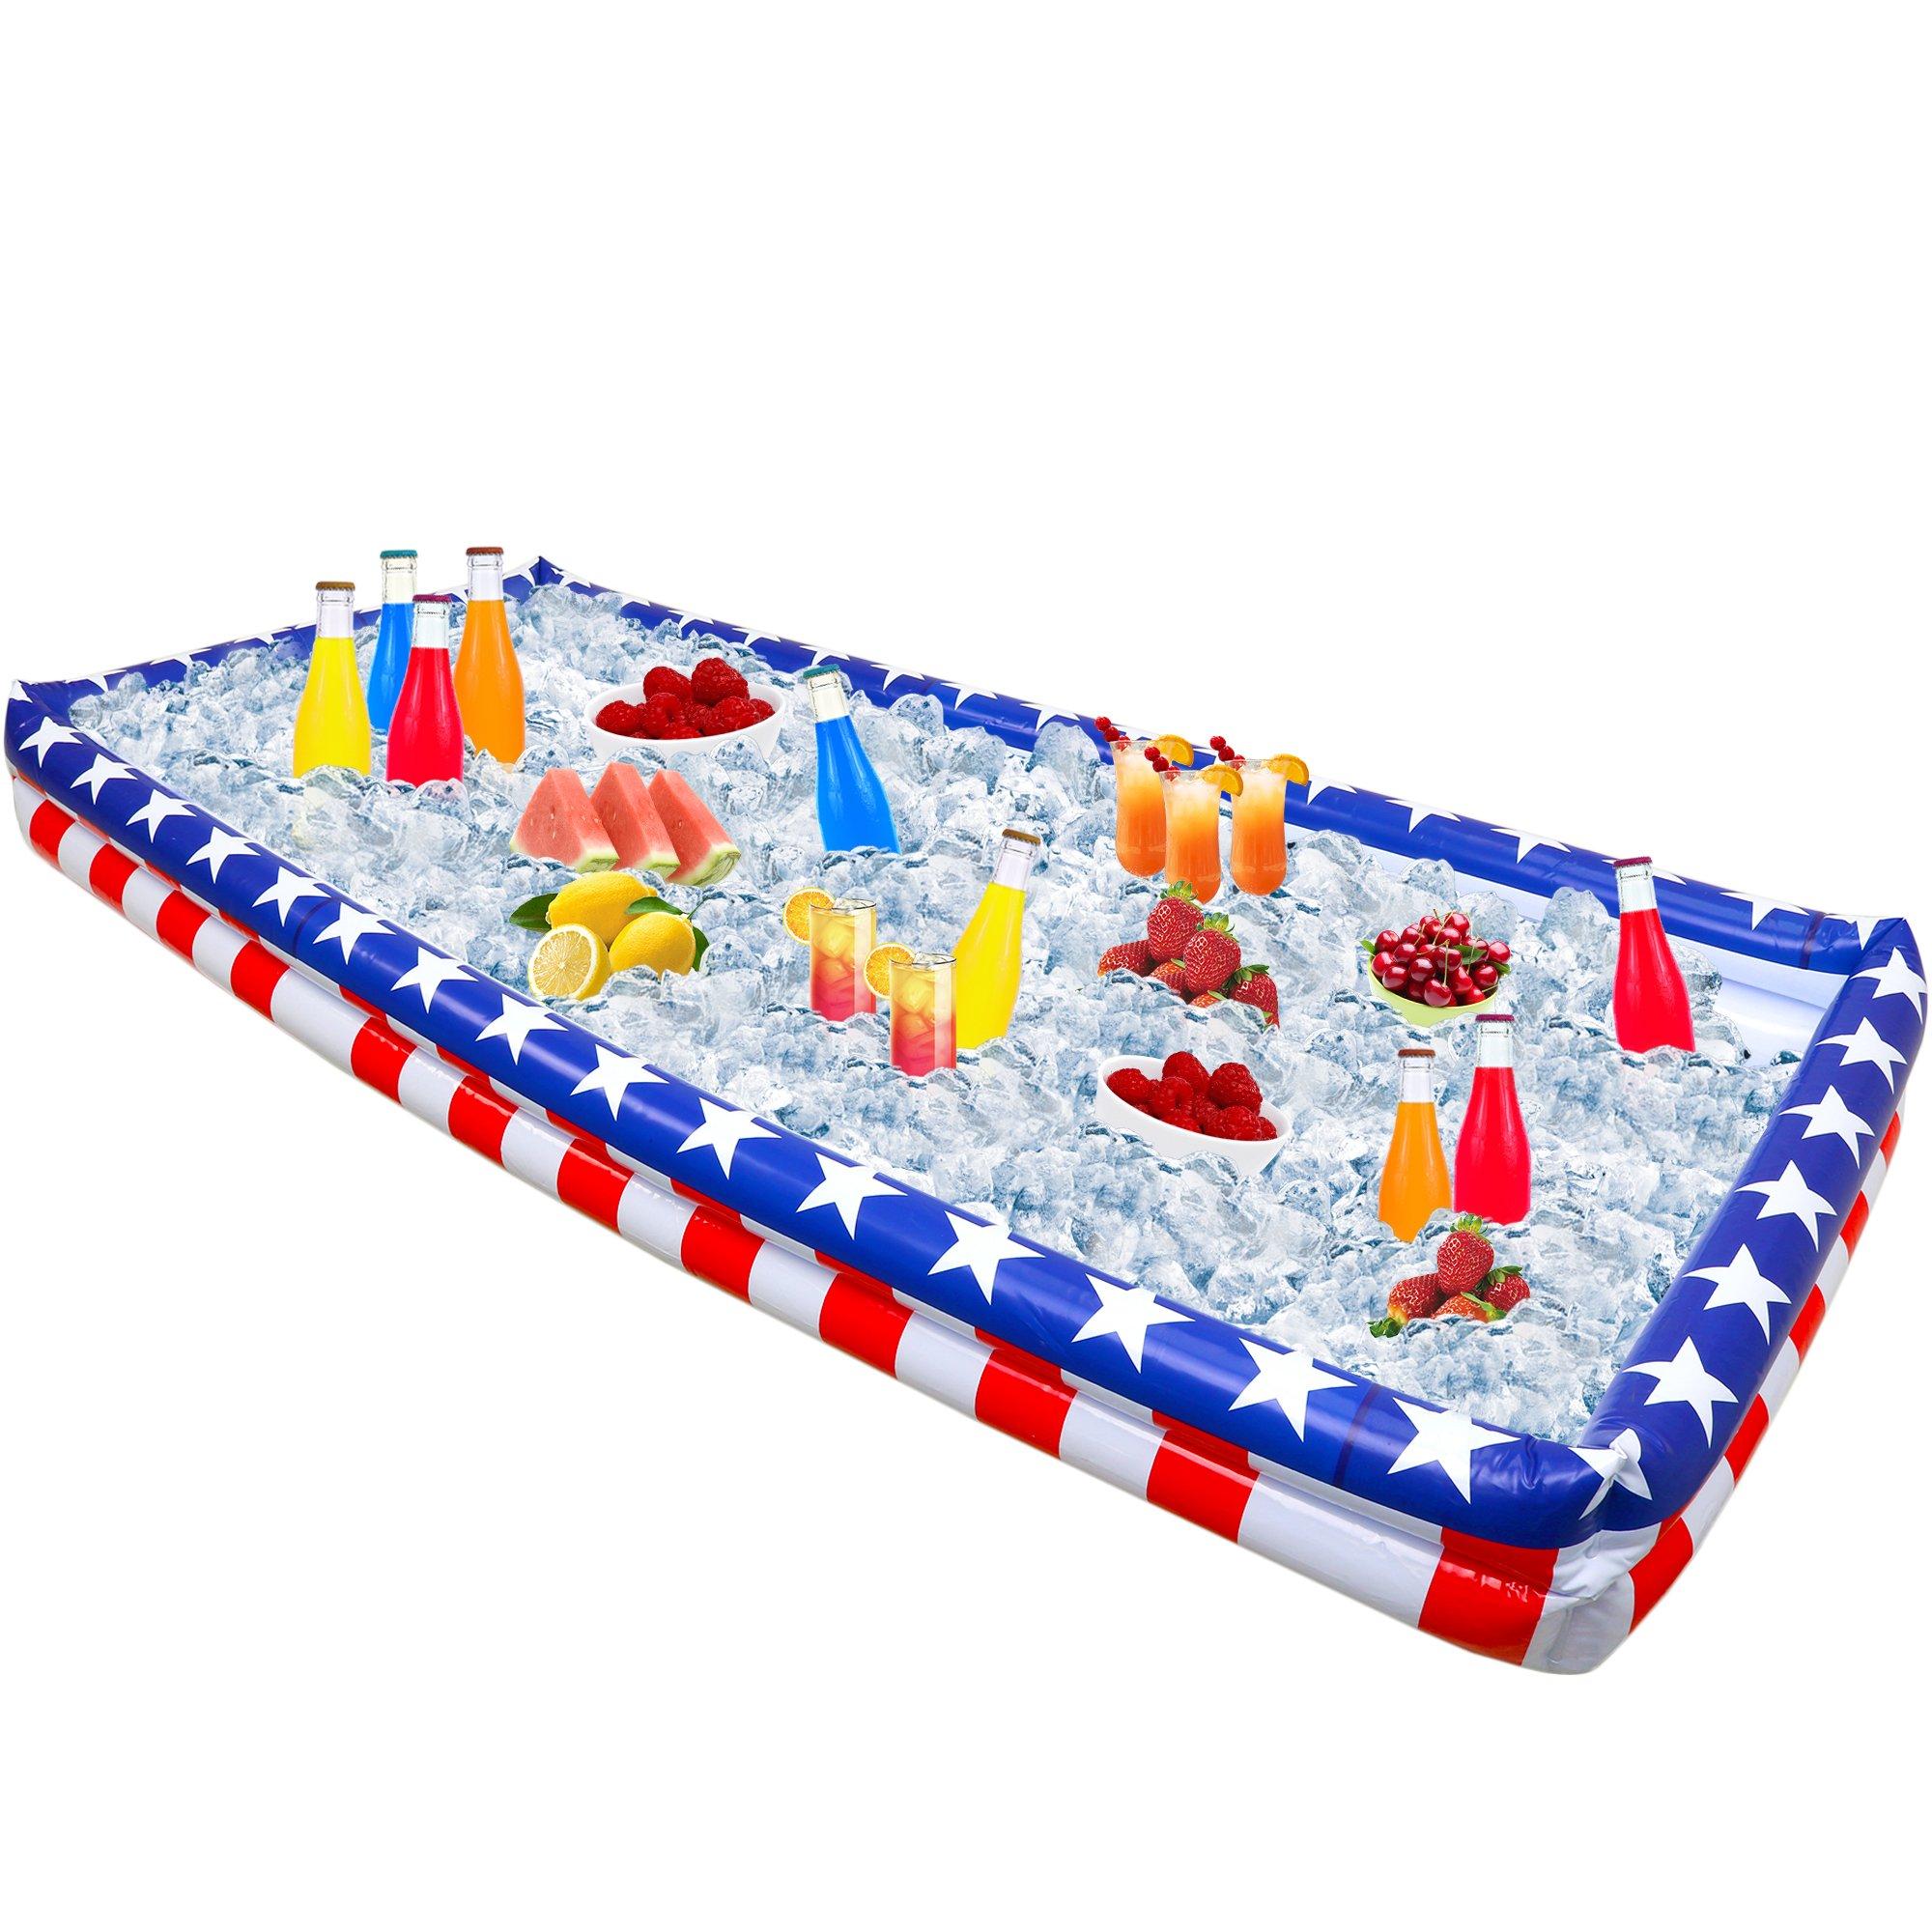 Patriotic Inflatable Picnic Buffet Cooler - Outdoor/Indoor Beverage Server - 1 Piece